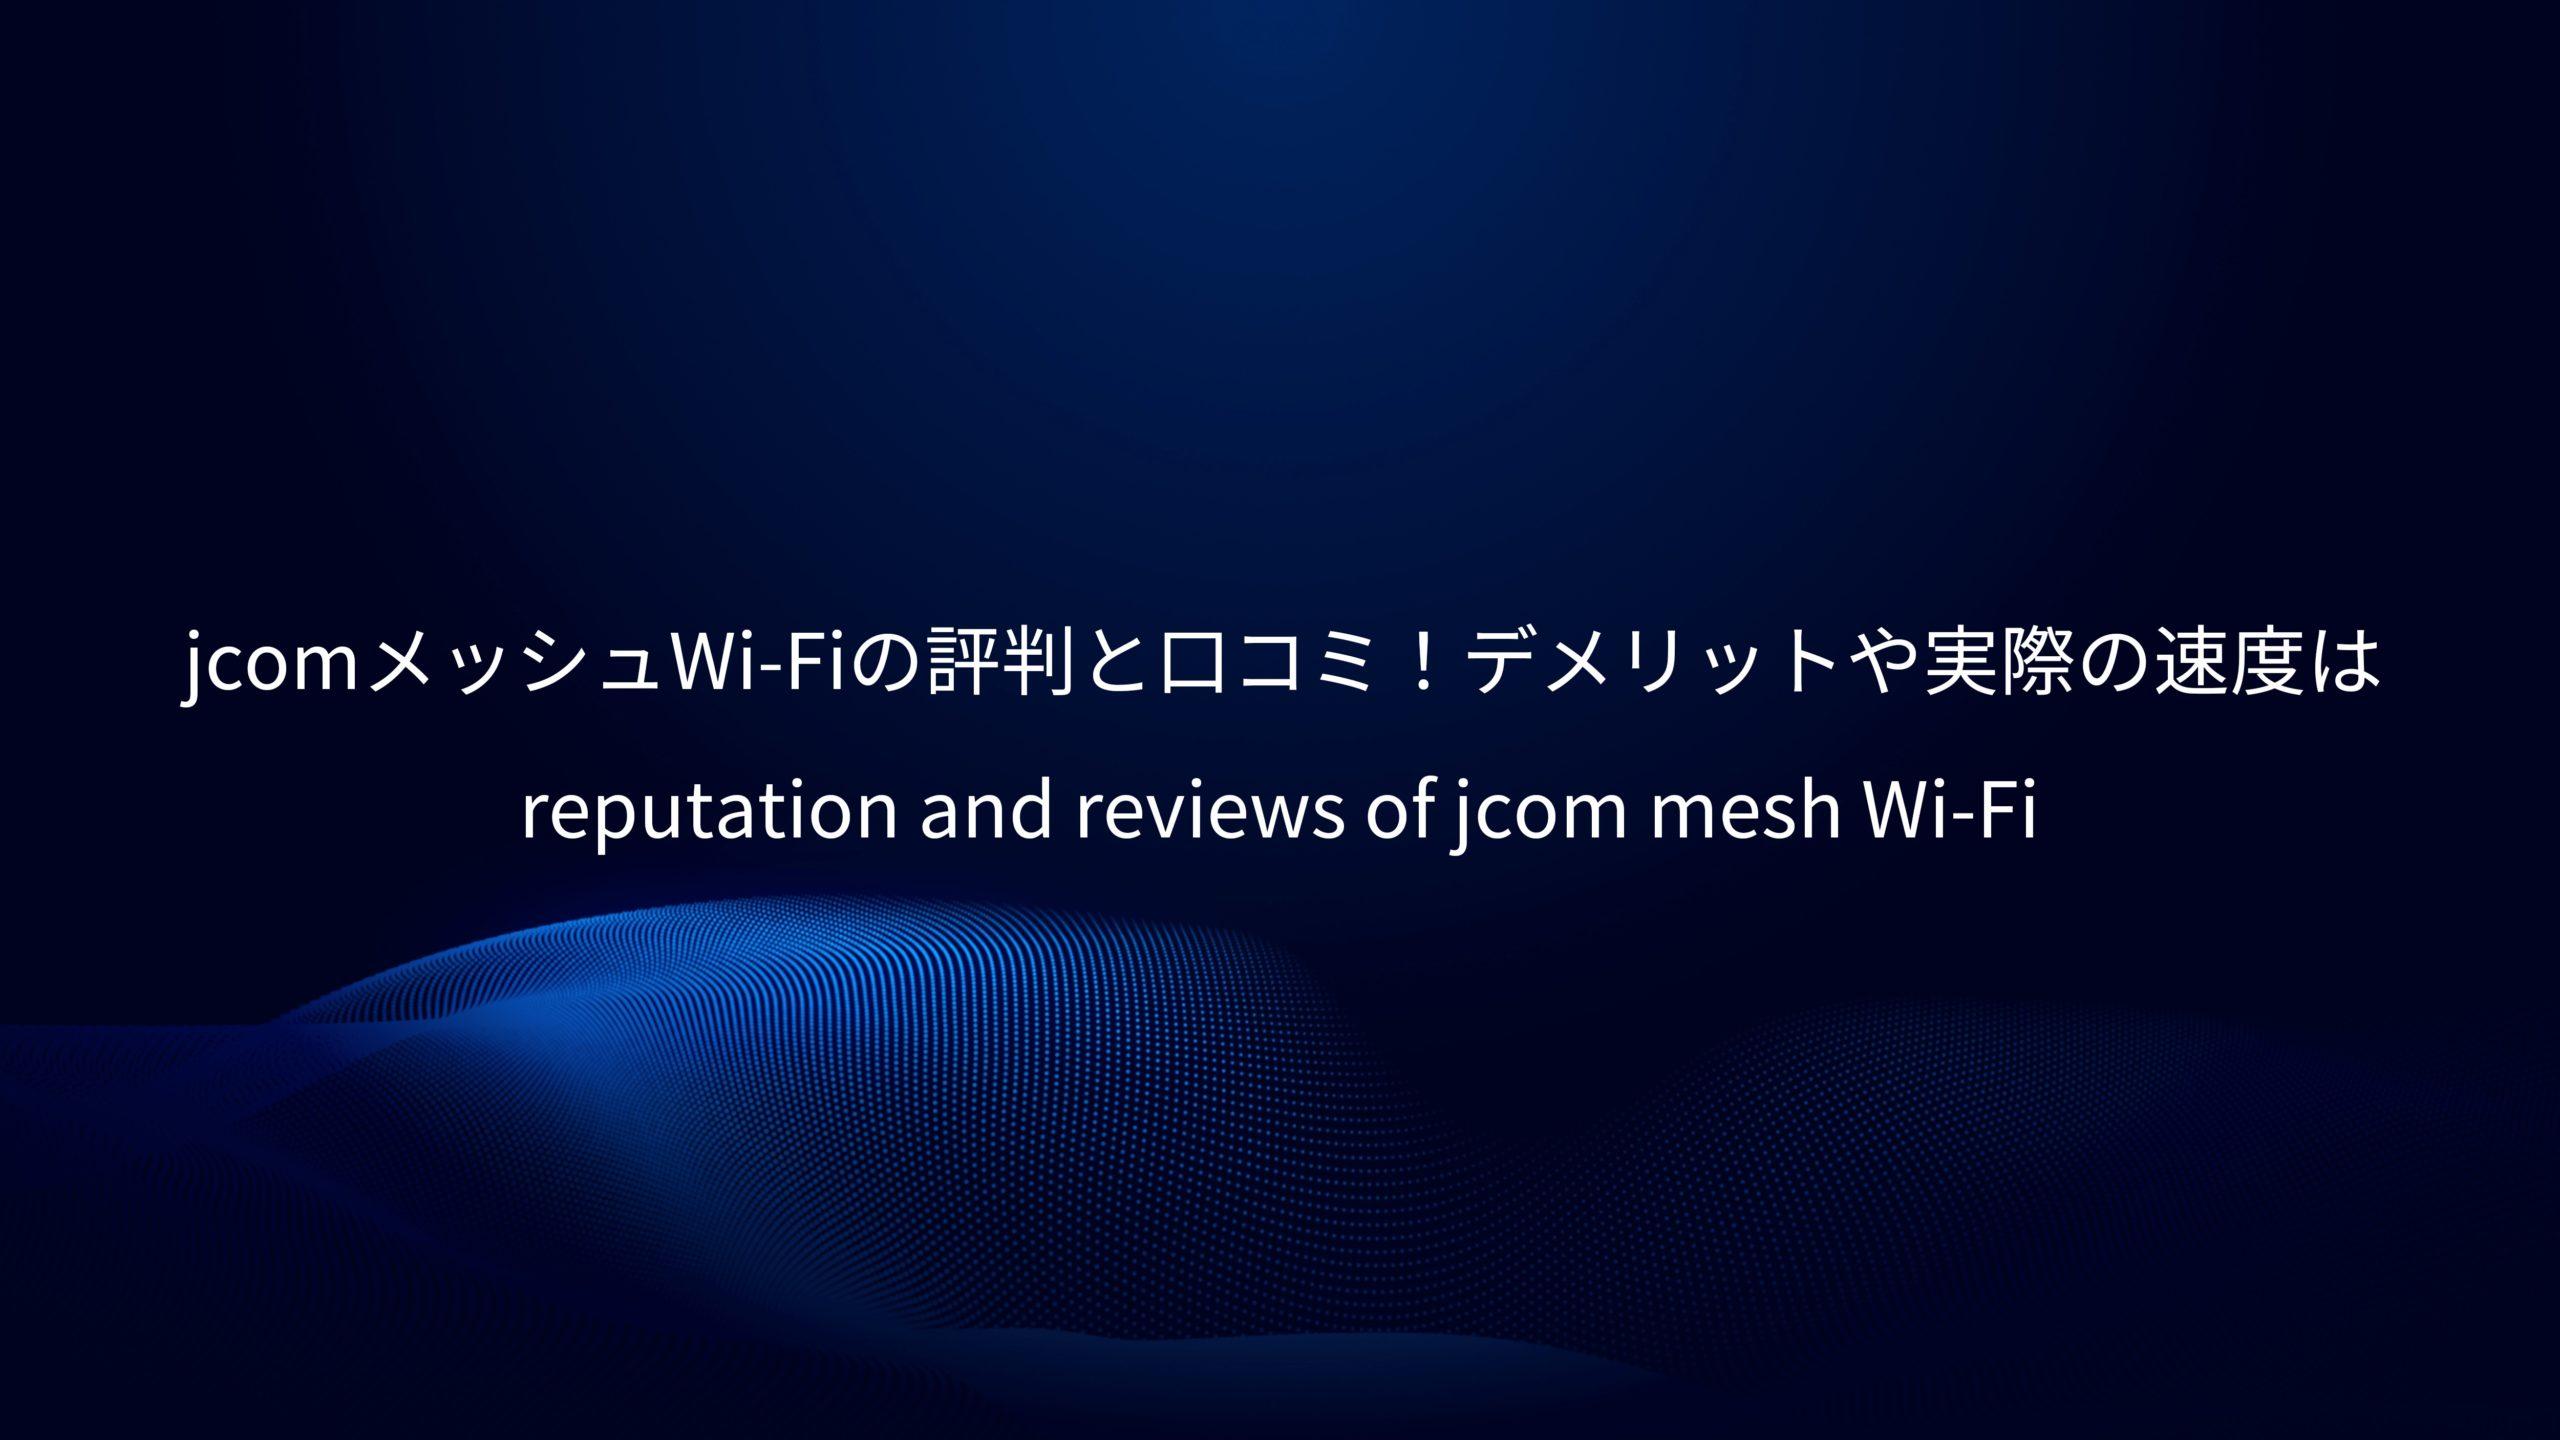 J:COMメッシュWi-Fiの評判と口コミ!デメリットや実際の速度は?